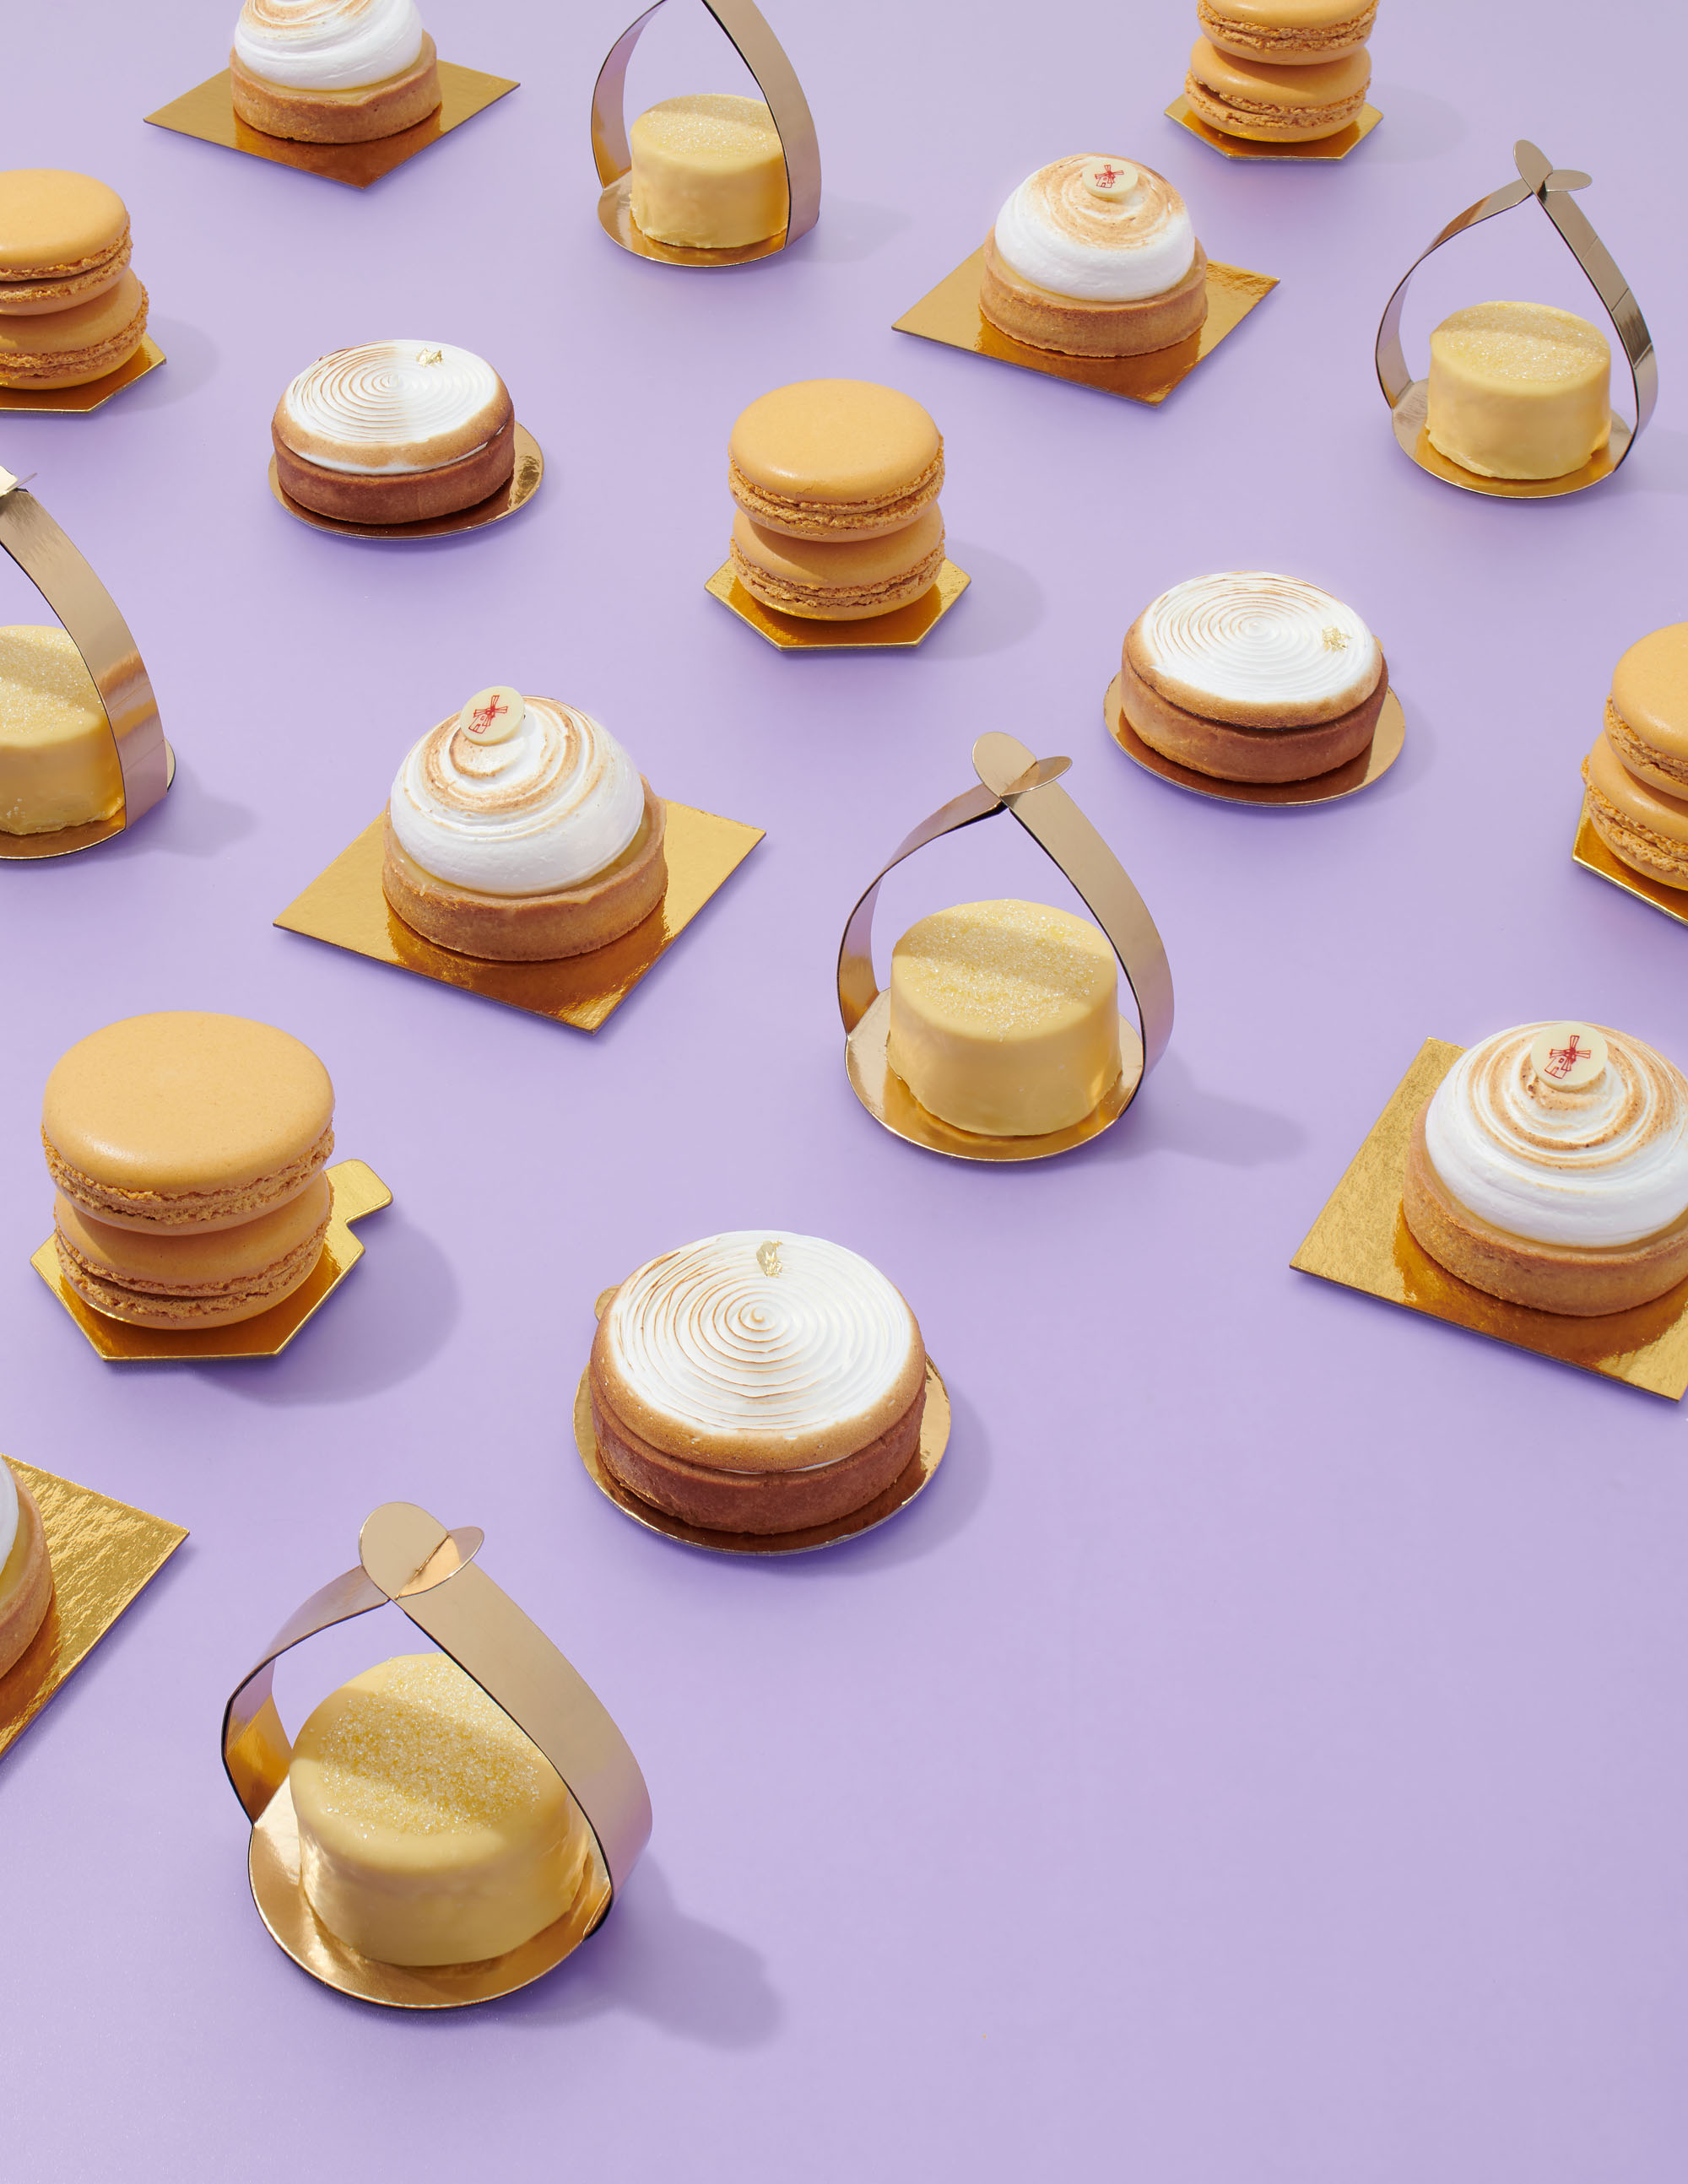 mini citrus desserts